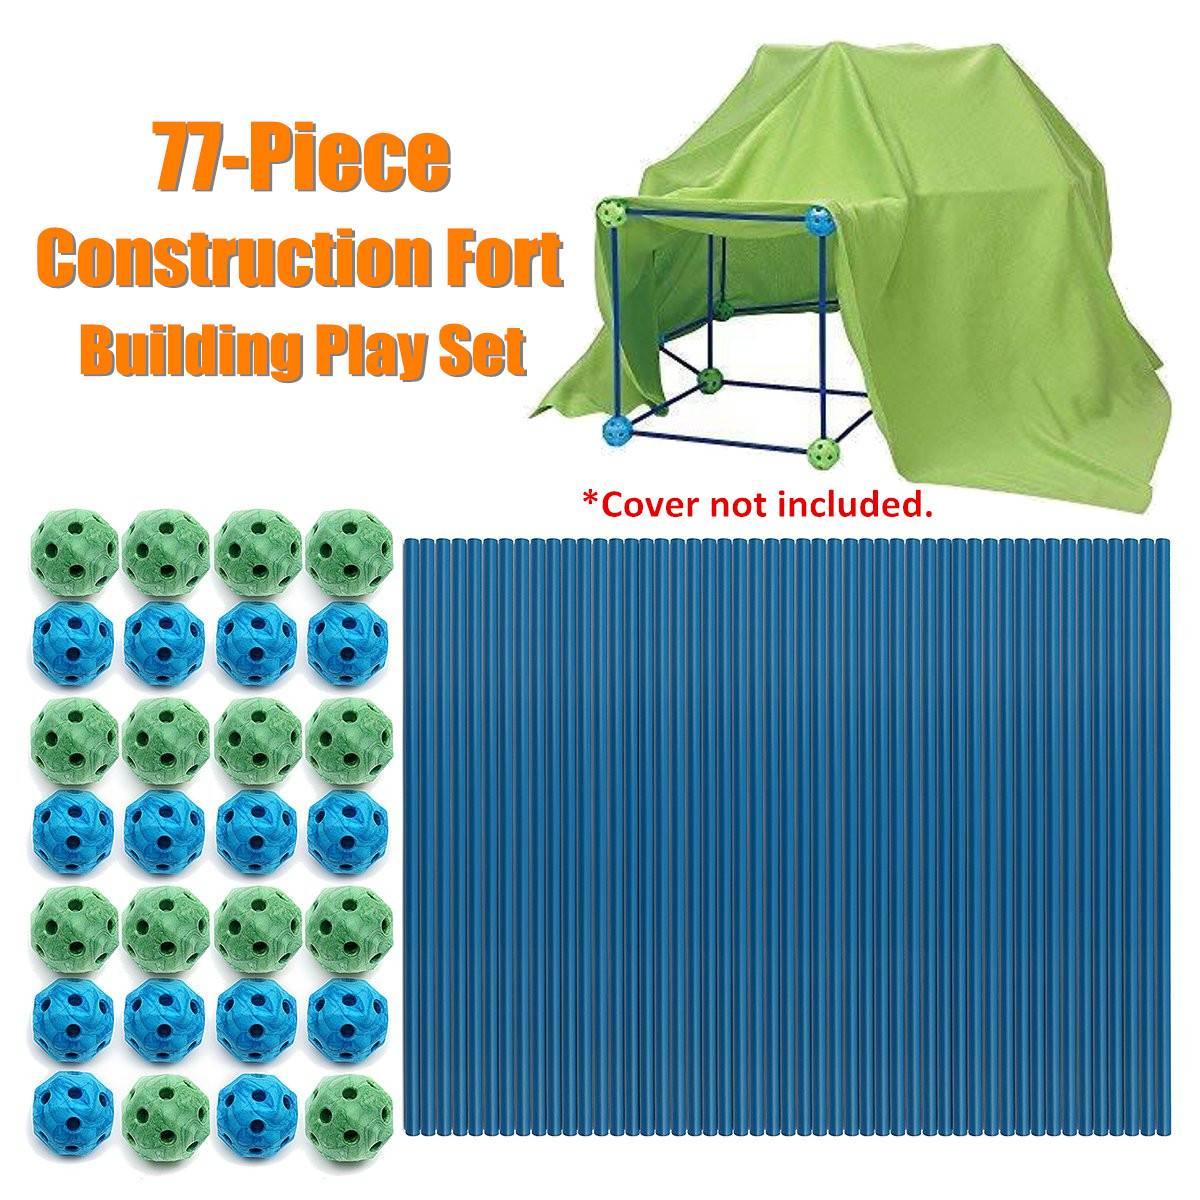 72 pièces construire Construction Fort bébé jouet tentes pour enfants château jouer tente maison meubles enfants Enfant chambre jouer jouets piscine